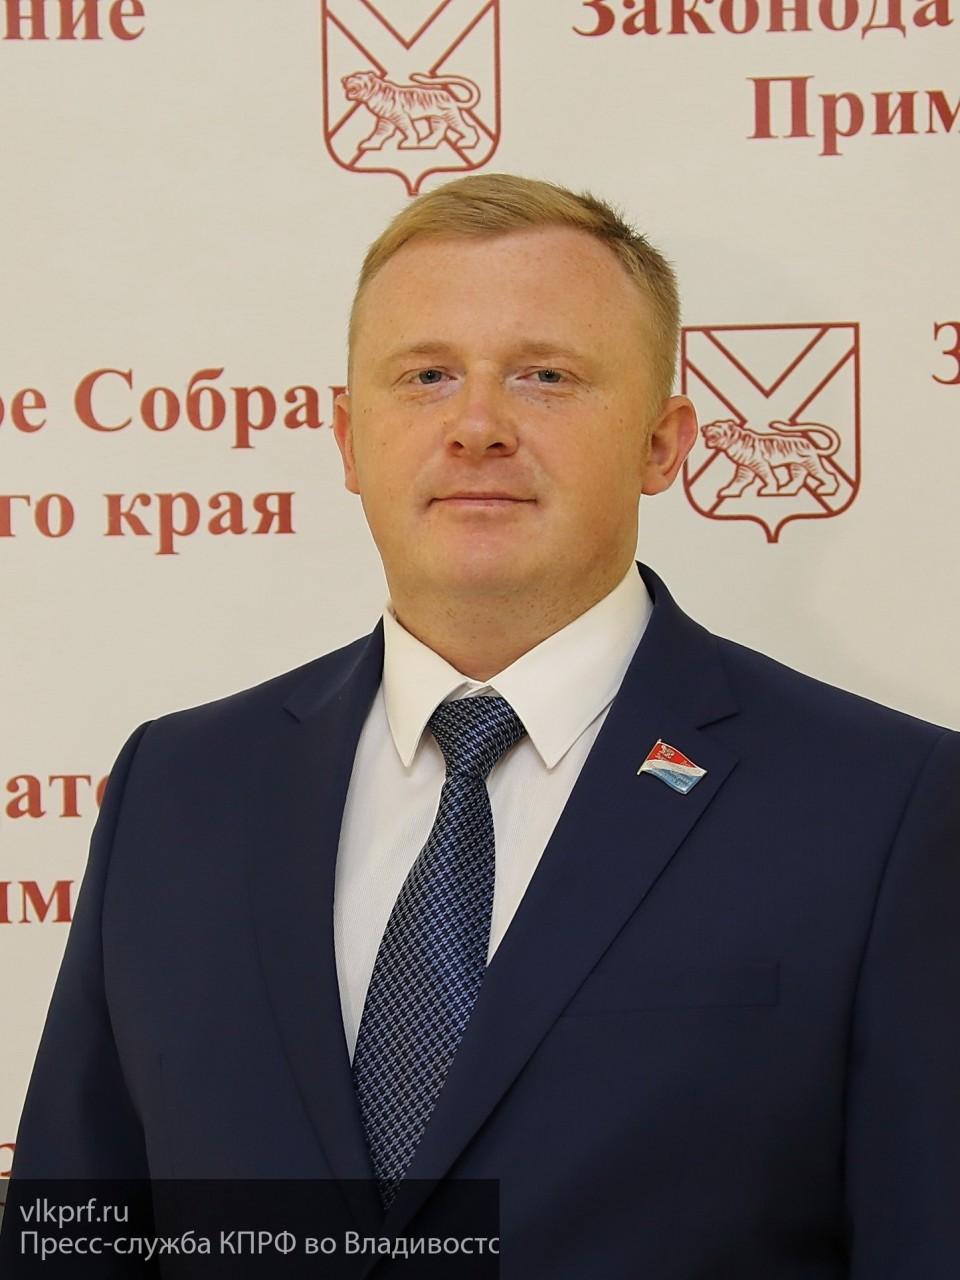 Руководство КПРФ сомневается в победе Ищенко: эксперт о выборах в Приморье